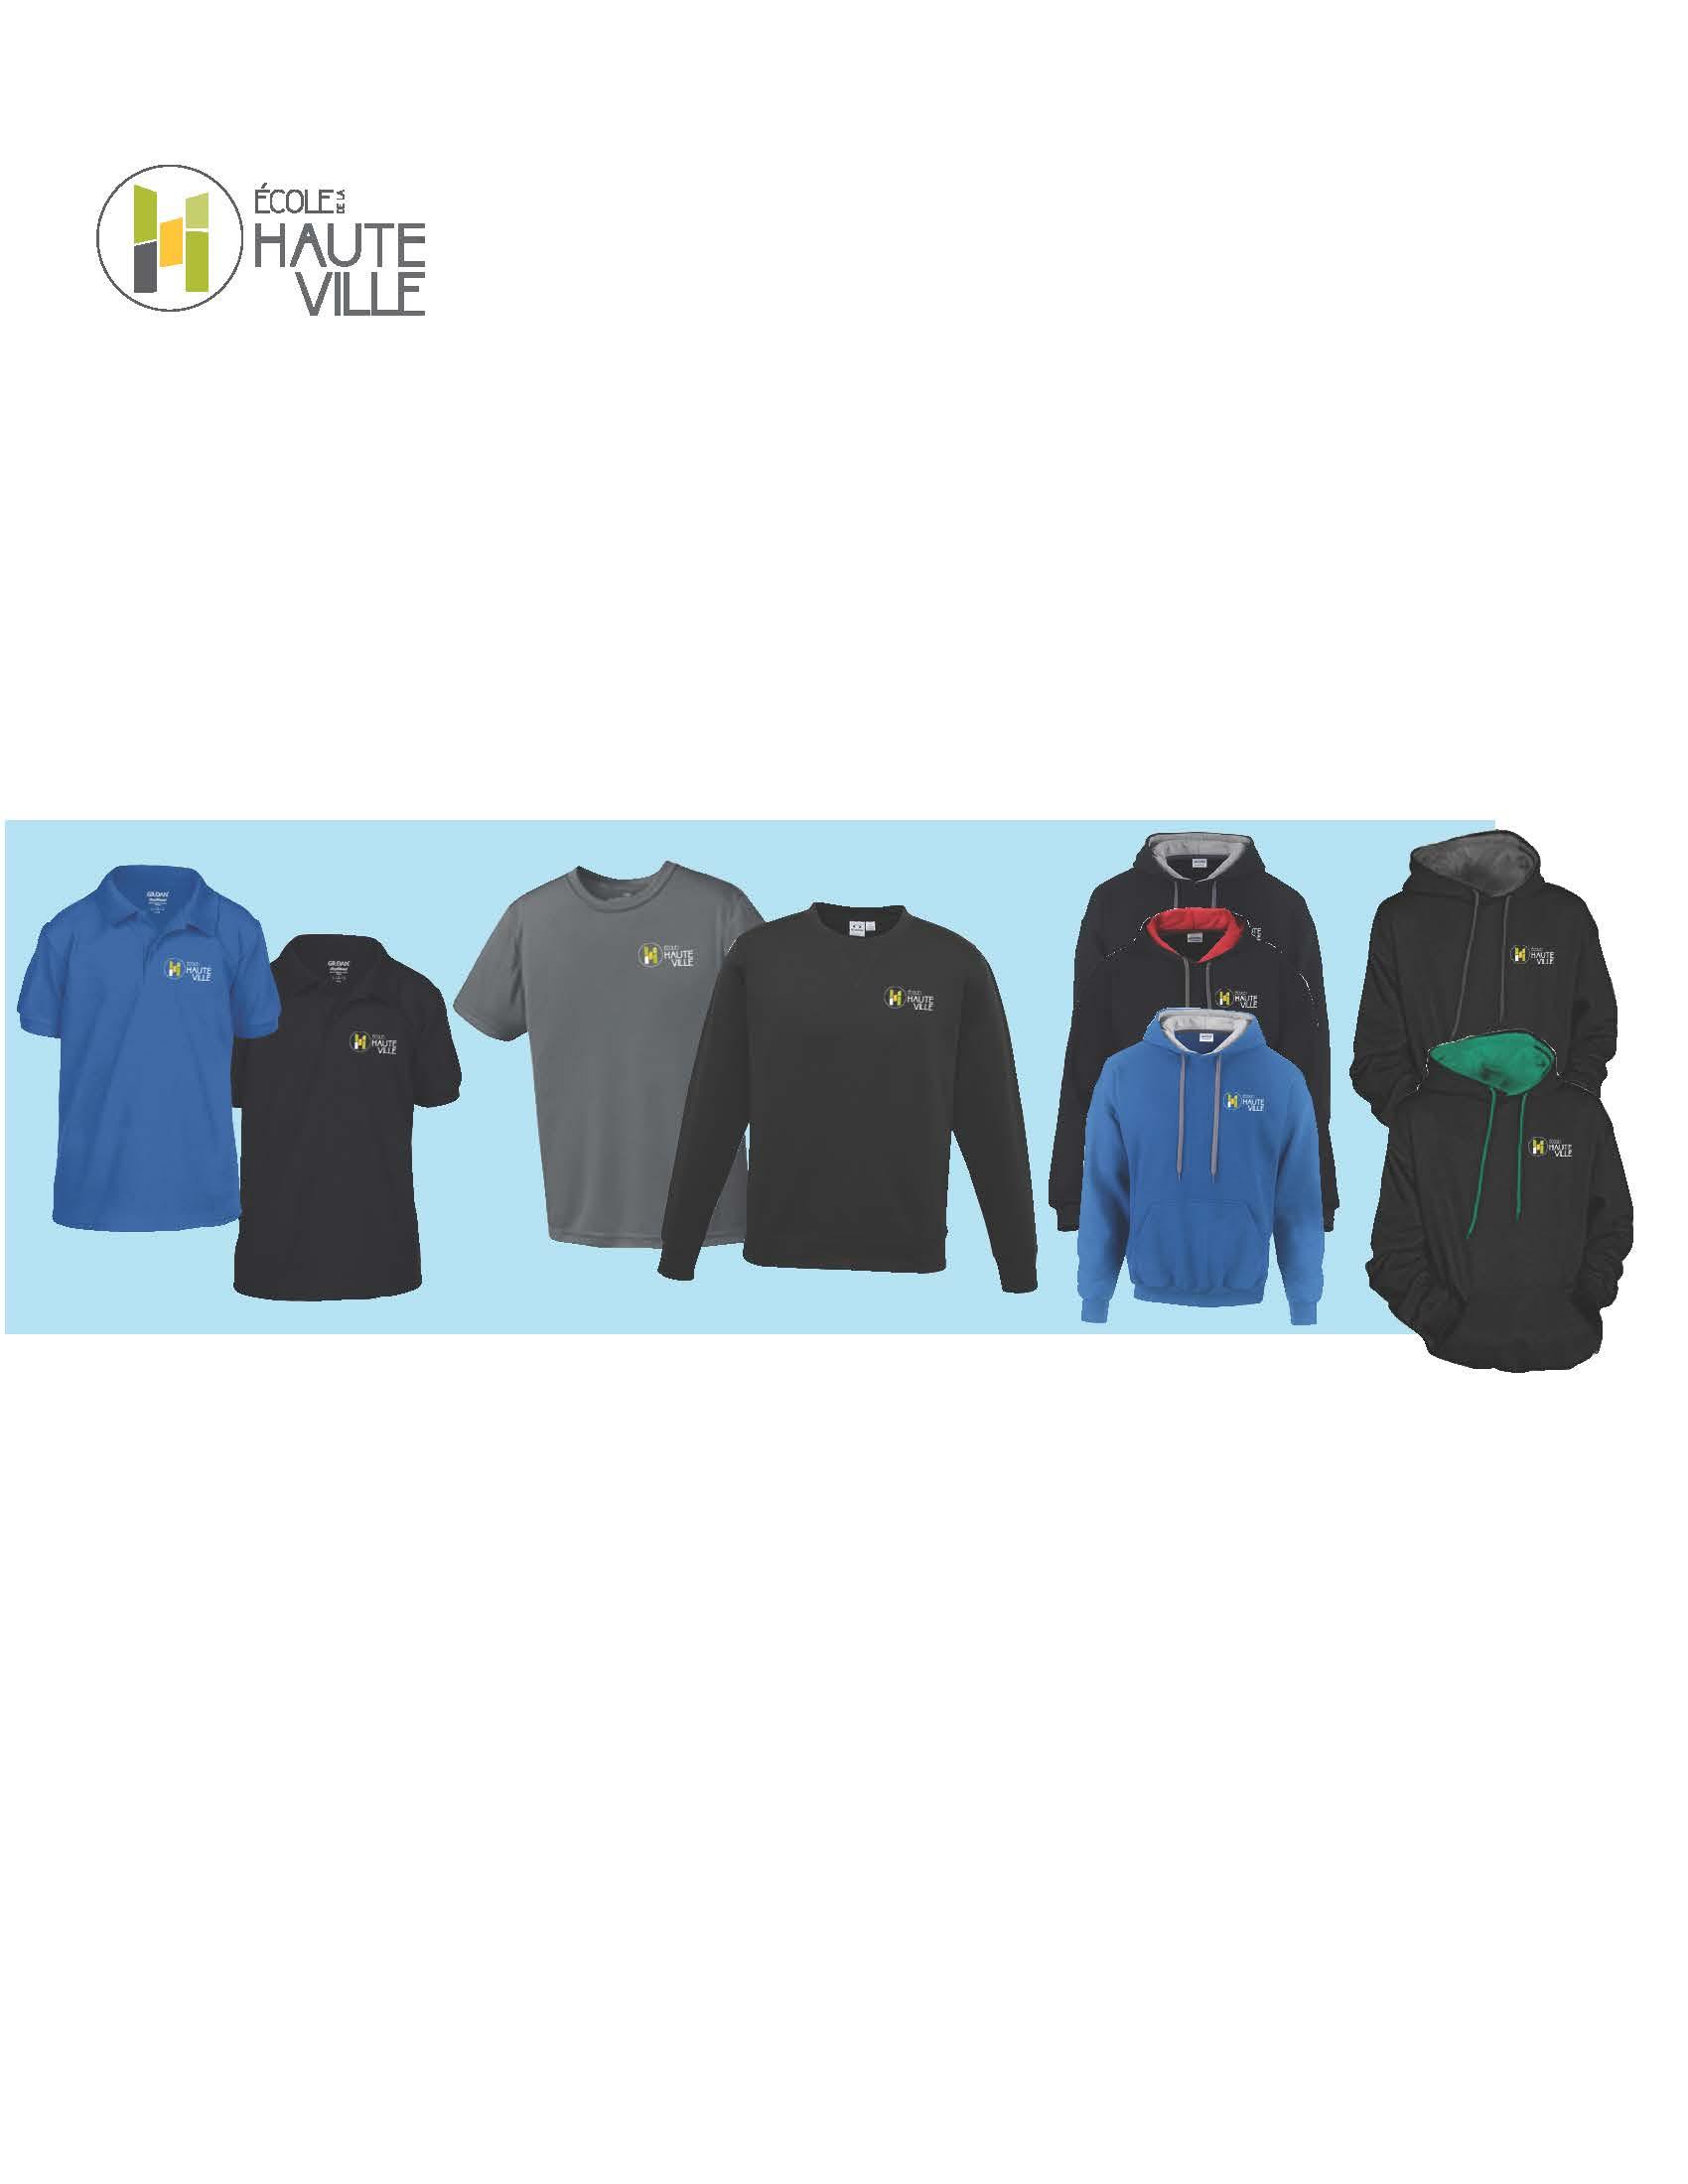 Achat des uniformes scolaires 2018-2019